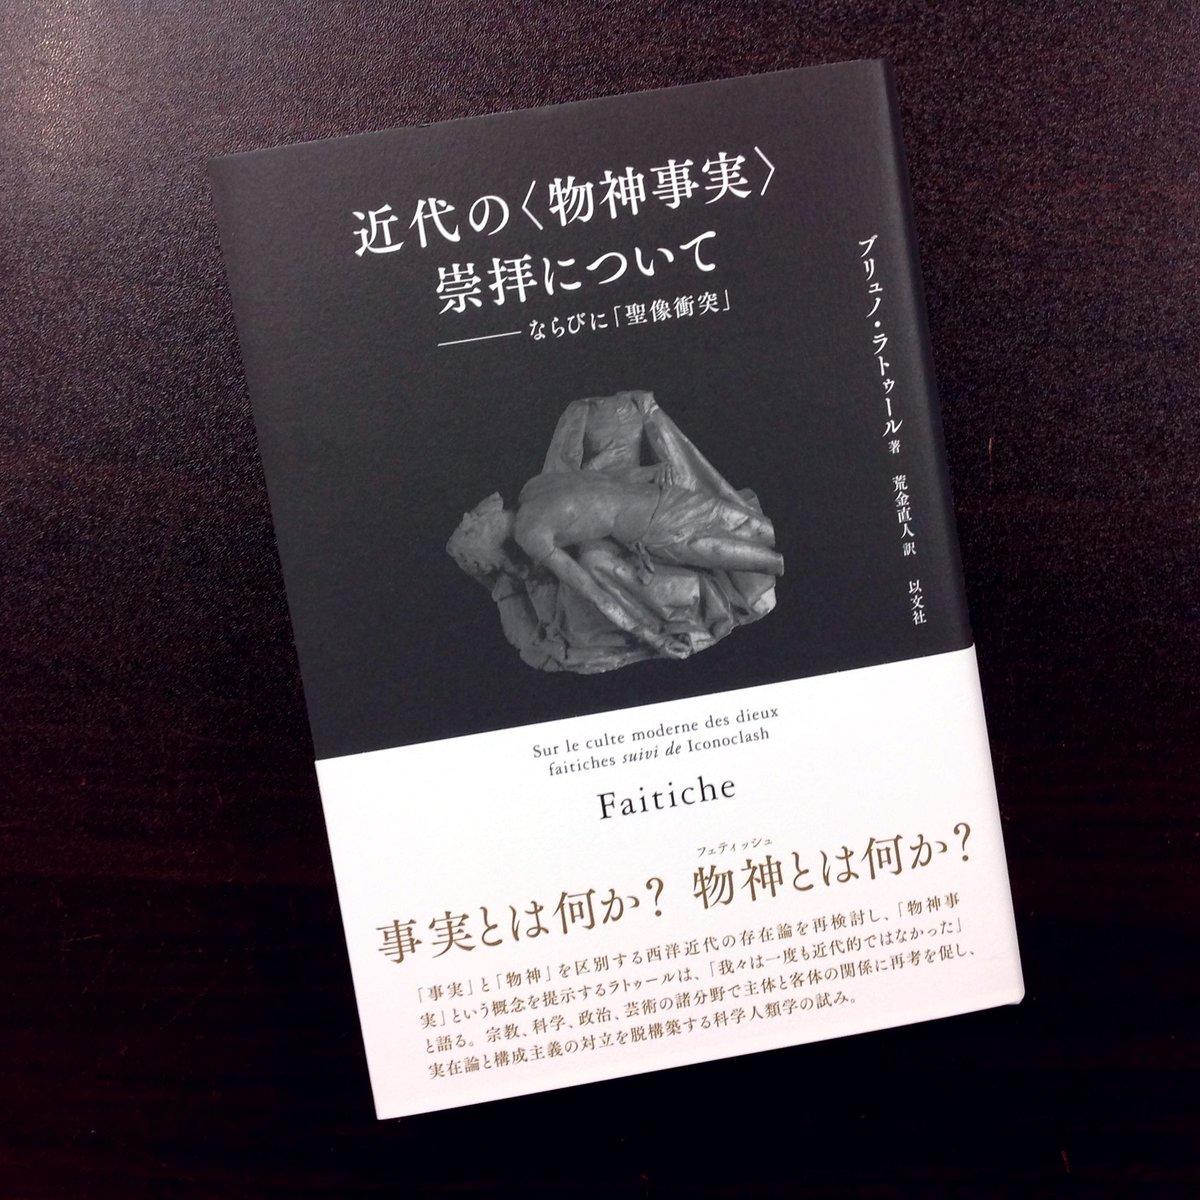 """青山ブックセンター本店 on Twitter: """"ブリュノ・ラトゥール 荒金直人 ..."""